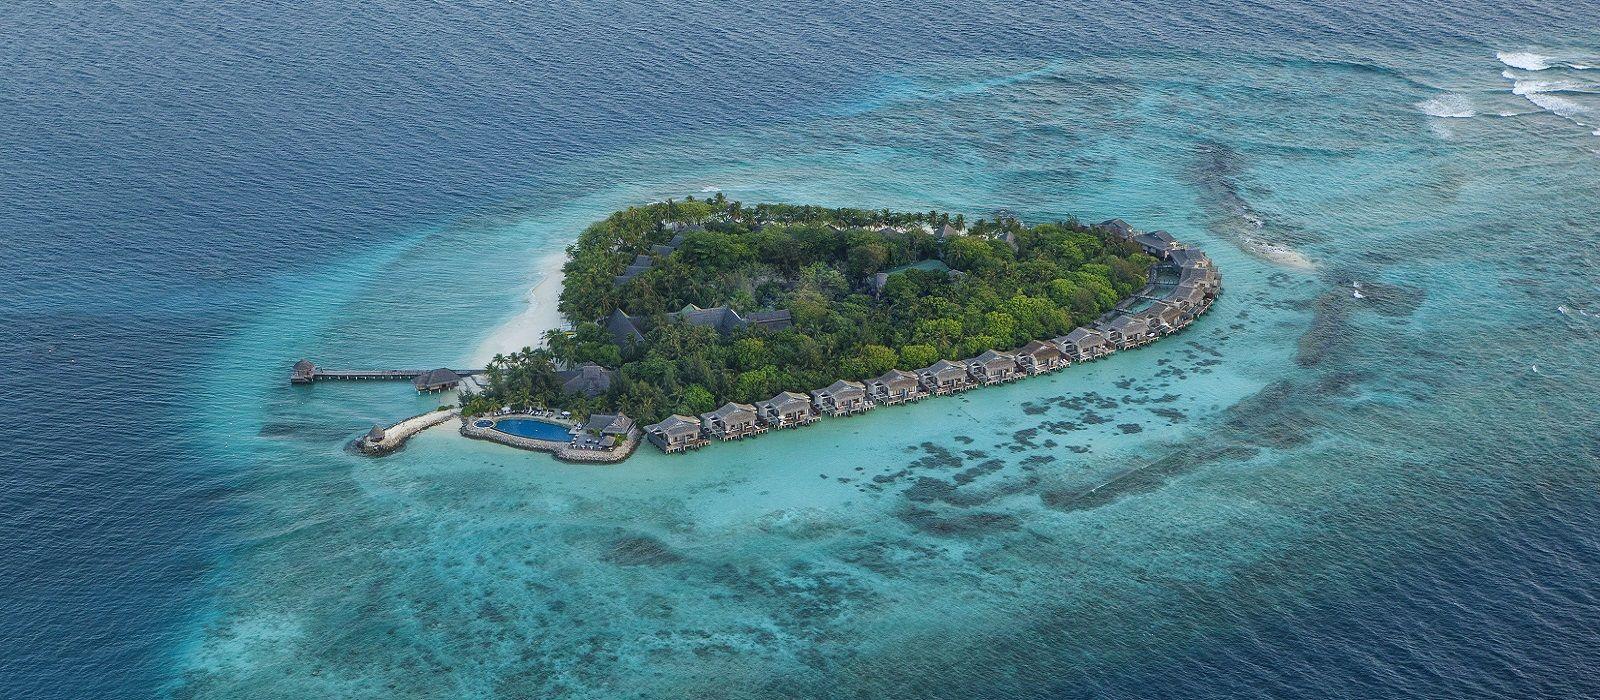 Surreal Sands: Dubai and Maldives Tour Trip 1